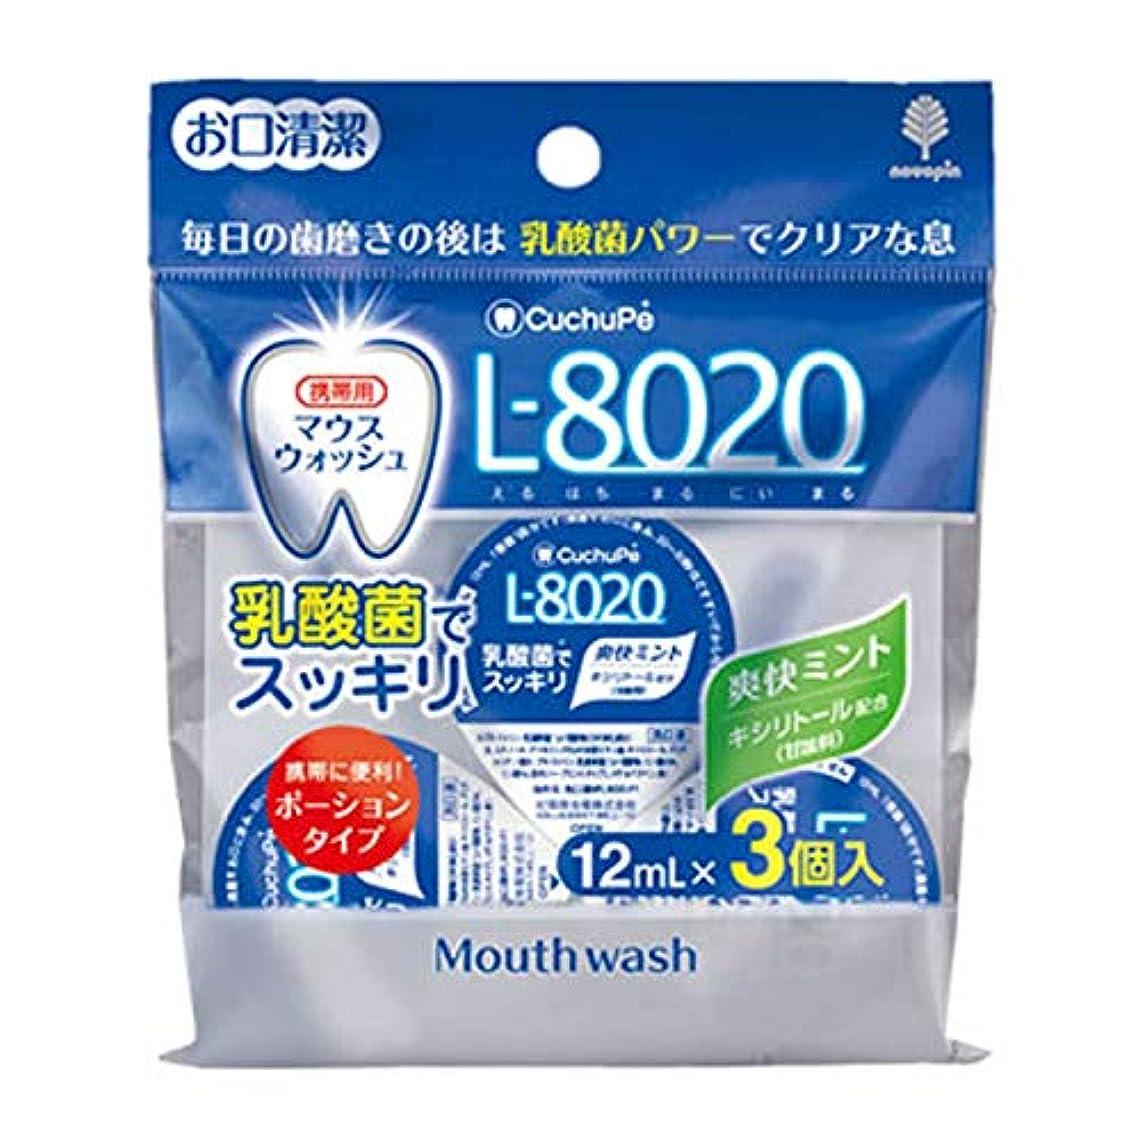 開始傷つける消毒するクチュッペ L-8020 乳酸菌マウスウォッシュ 携帯用ポーションタイプ 爽快ミント 3個入